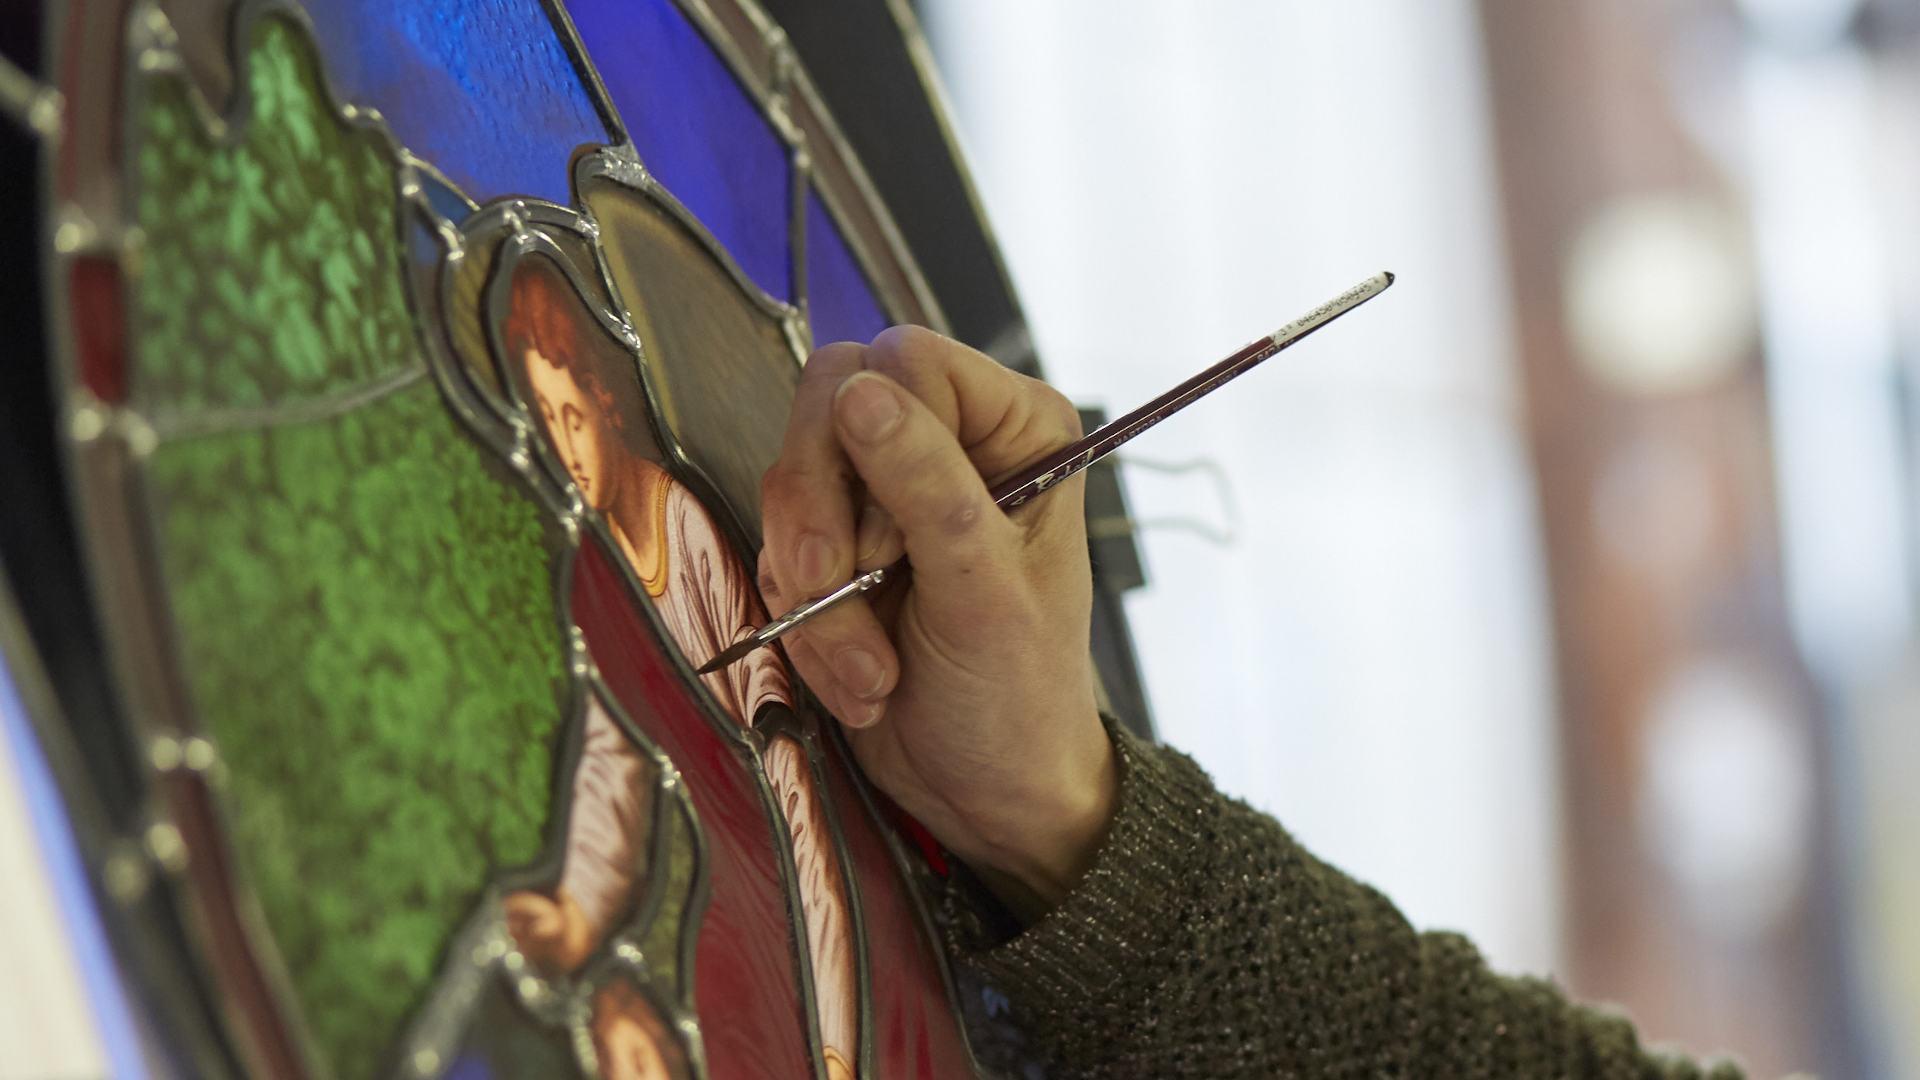 La magnifica cattedrale di Chartres e l'arte della vetrocromia